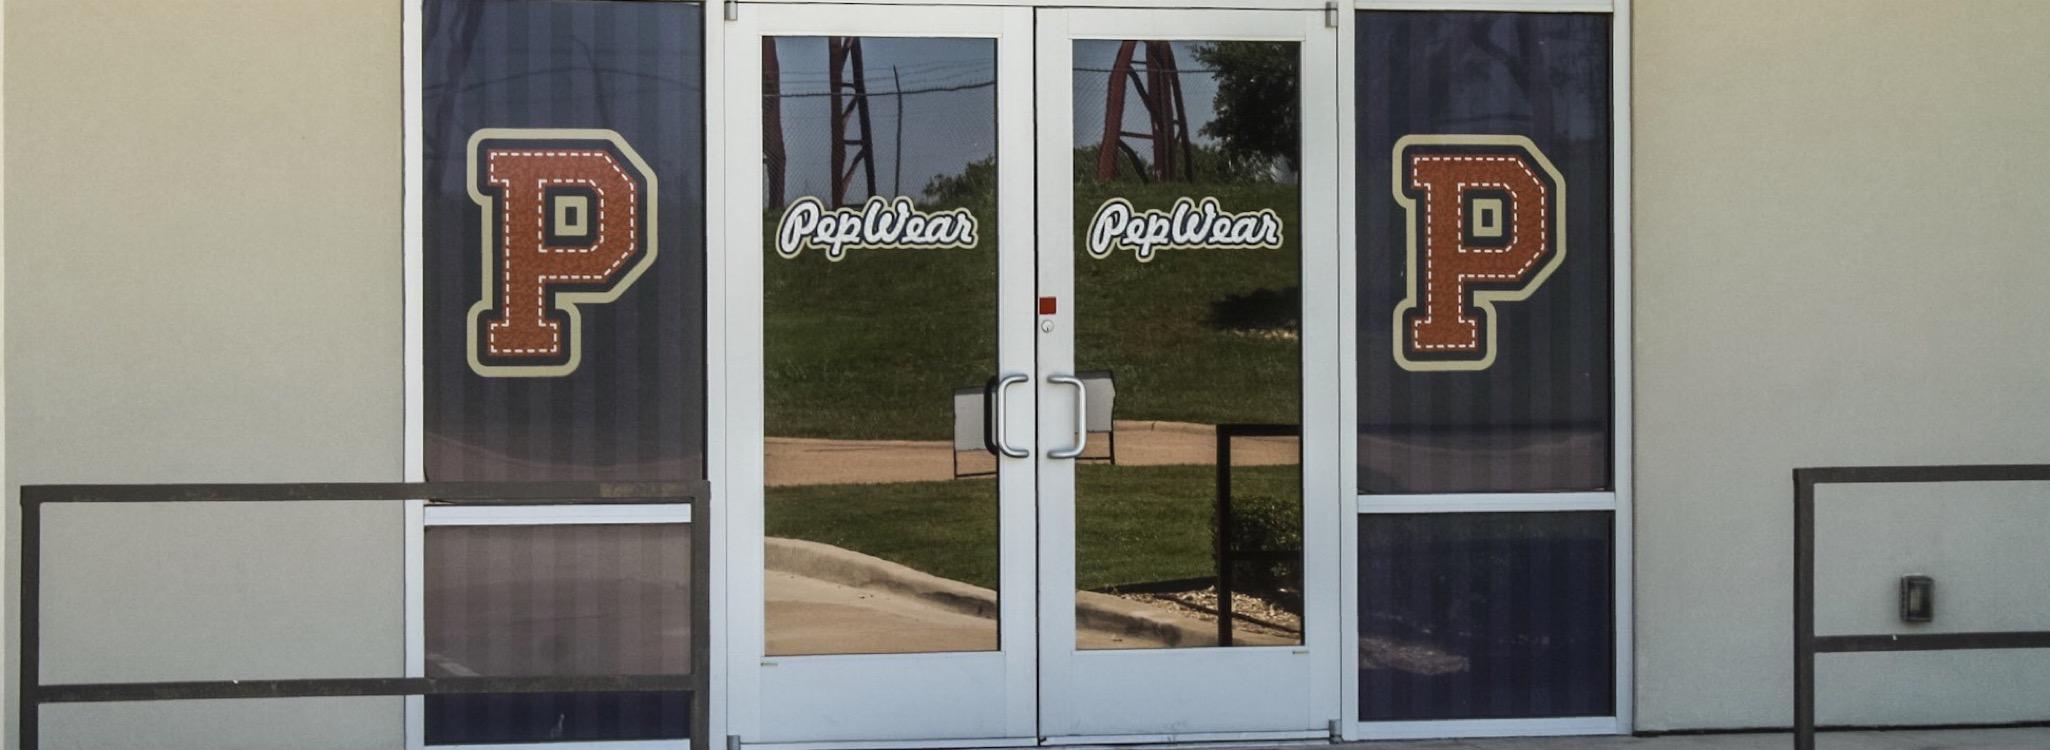 Pepwear Industrial Construction Front Doors